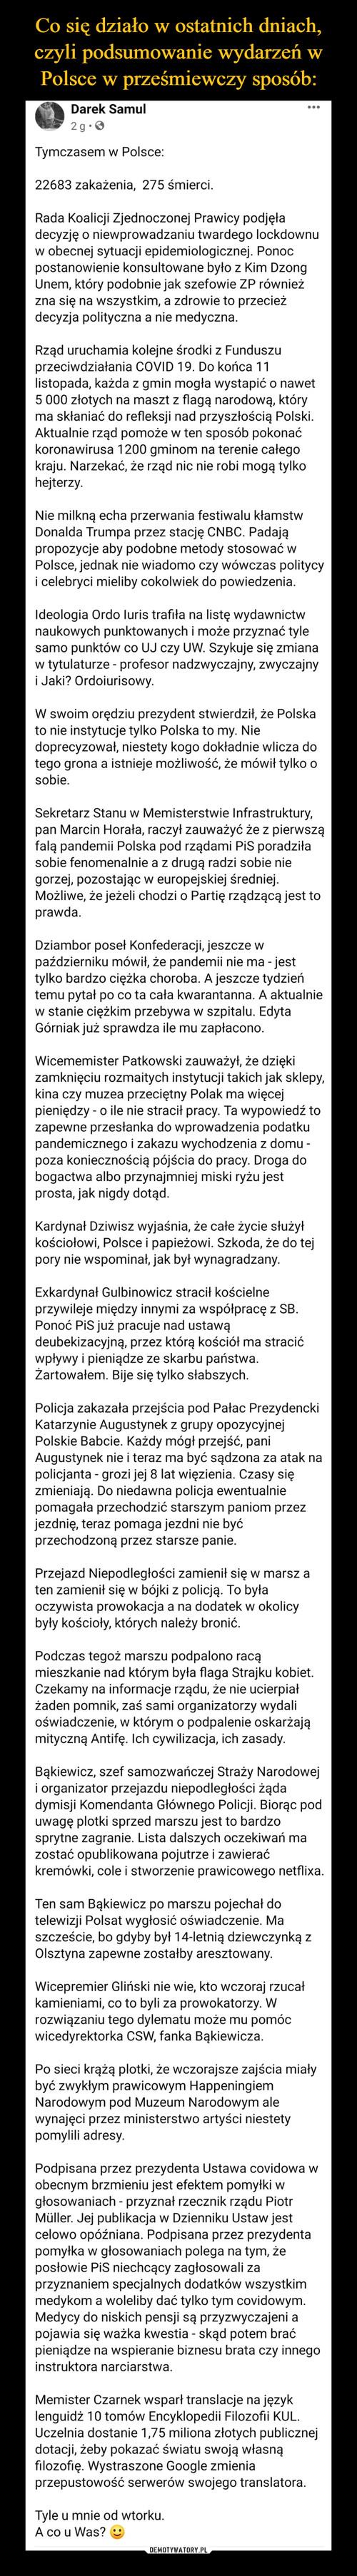 Co się działo w ostatnich dniach, czyli podsumowanie wydarzeń w Polsce w prześmiewczy sposób: